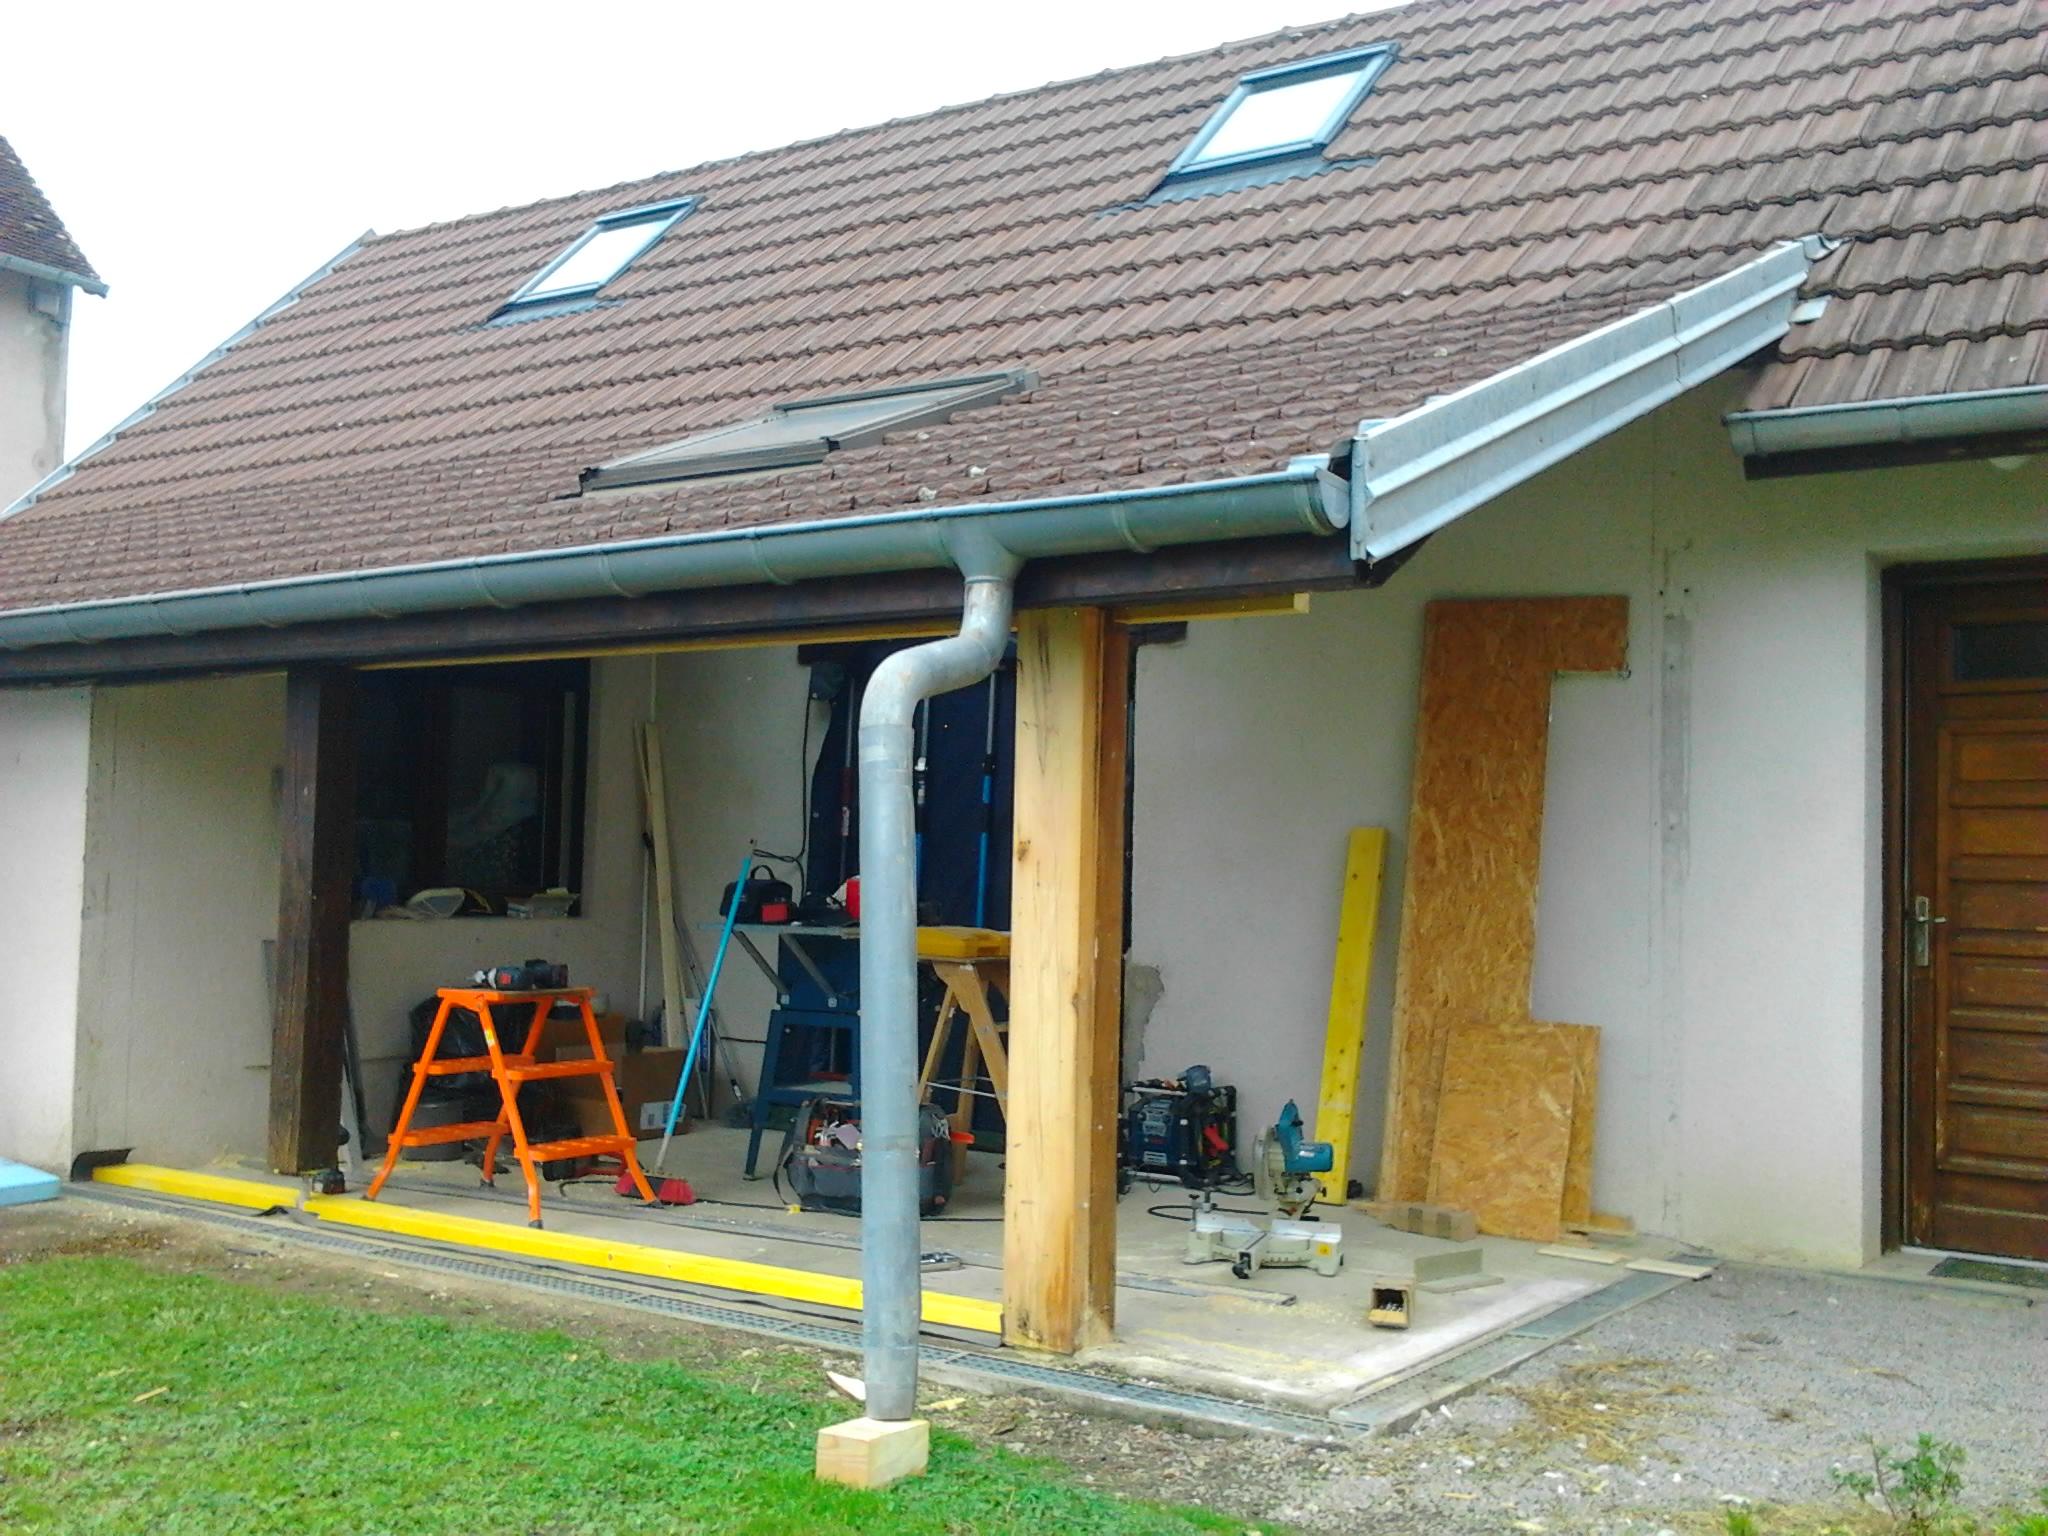 MAISON - Rénovation - Démontage